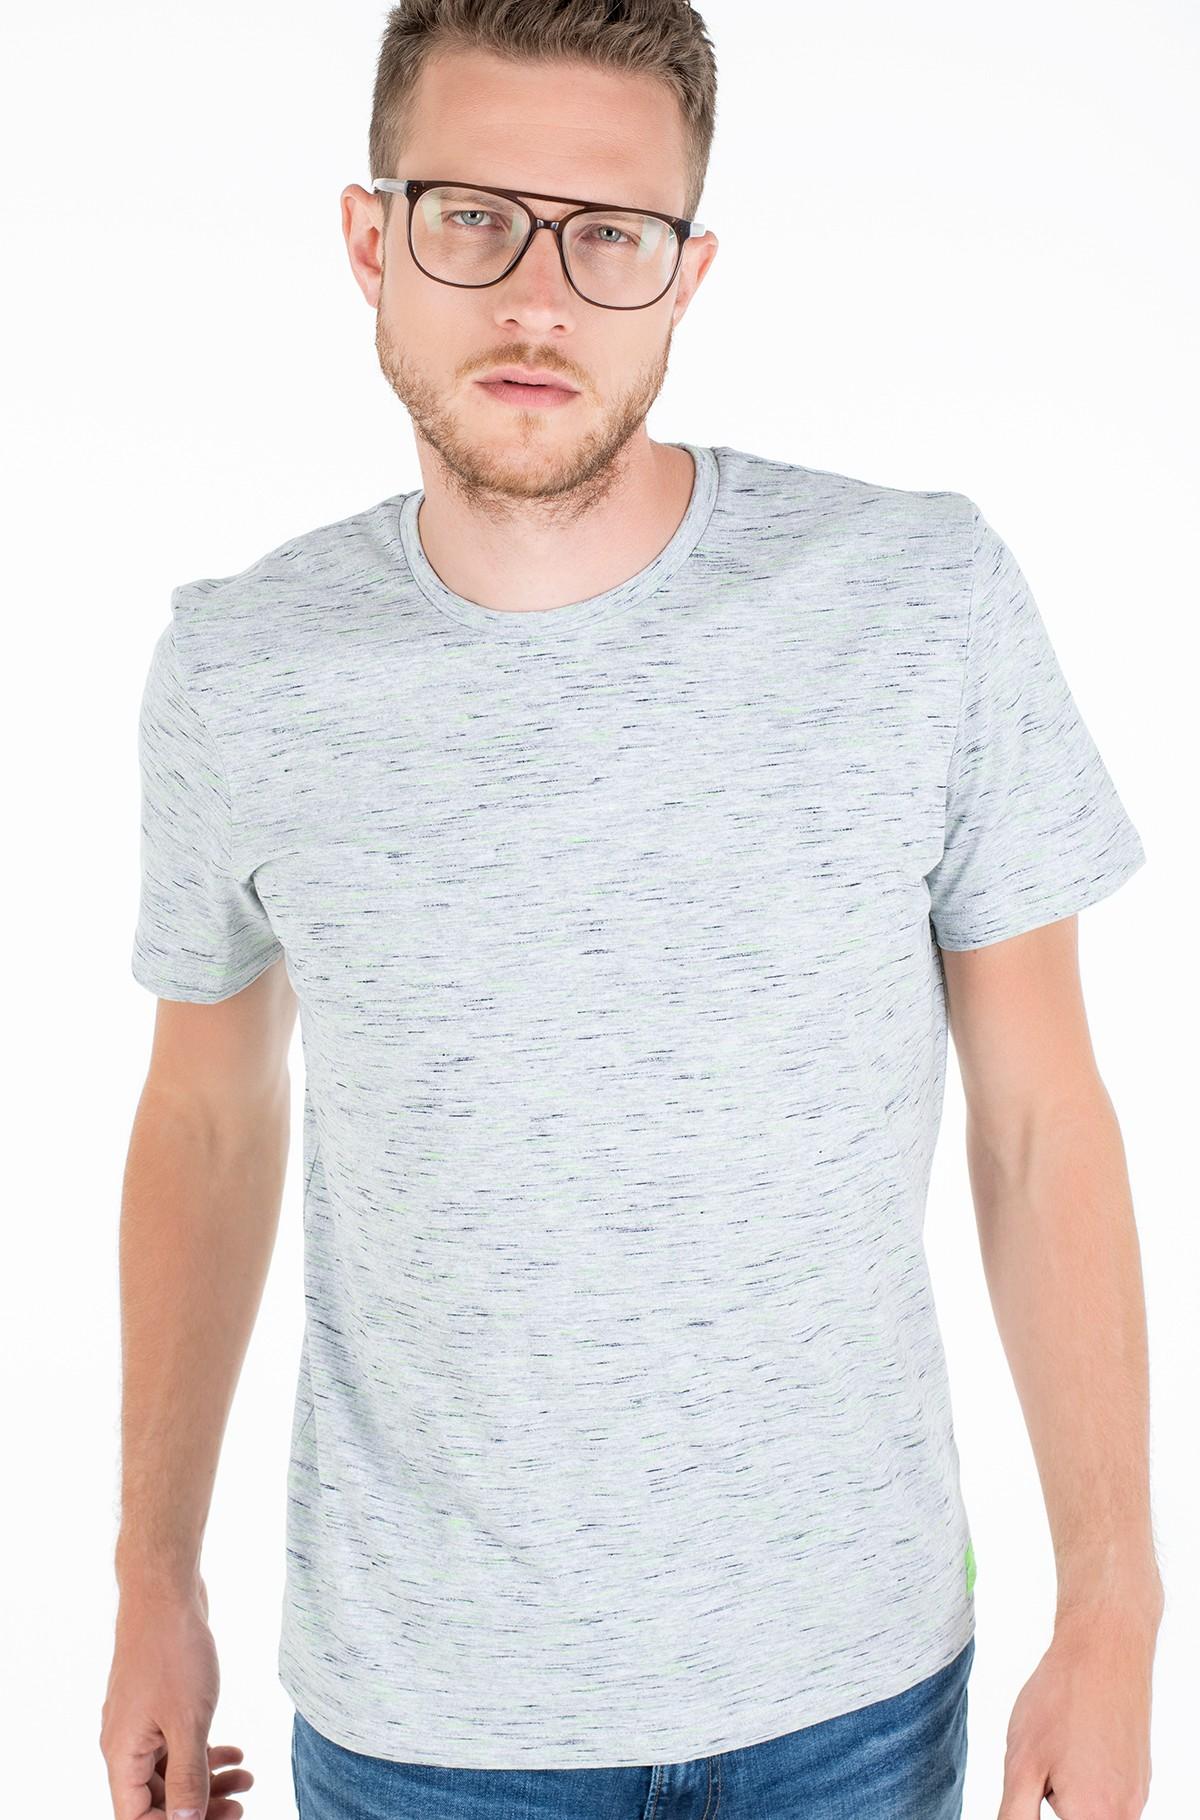 T-shirt 1018292-full-1